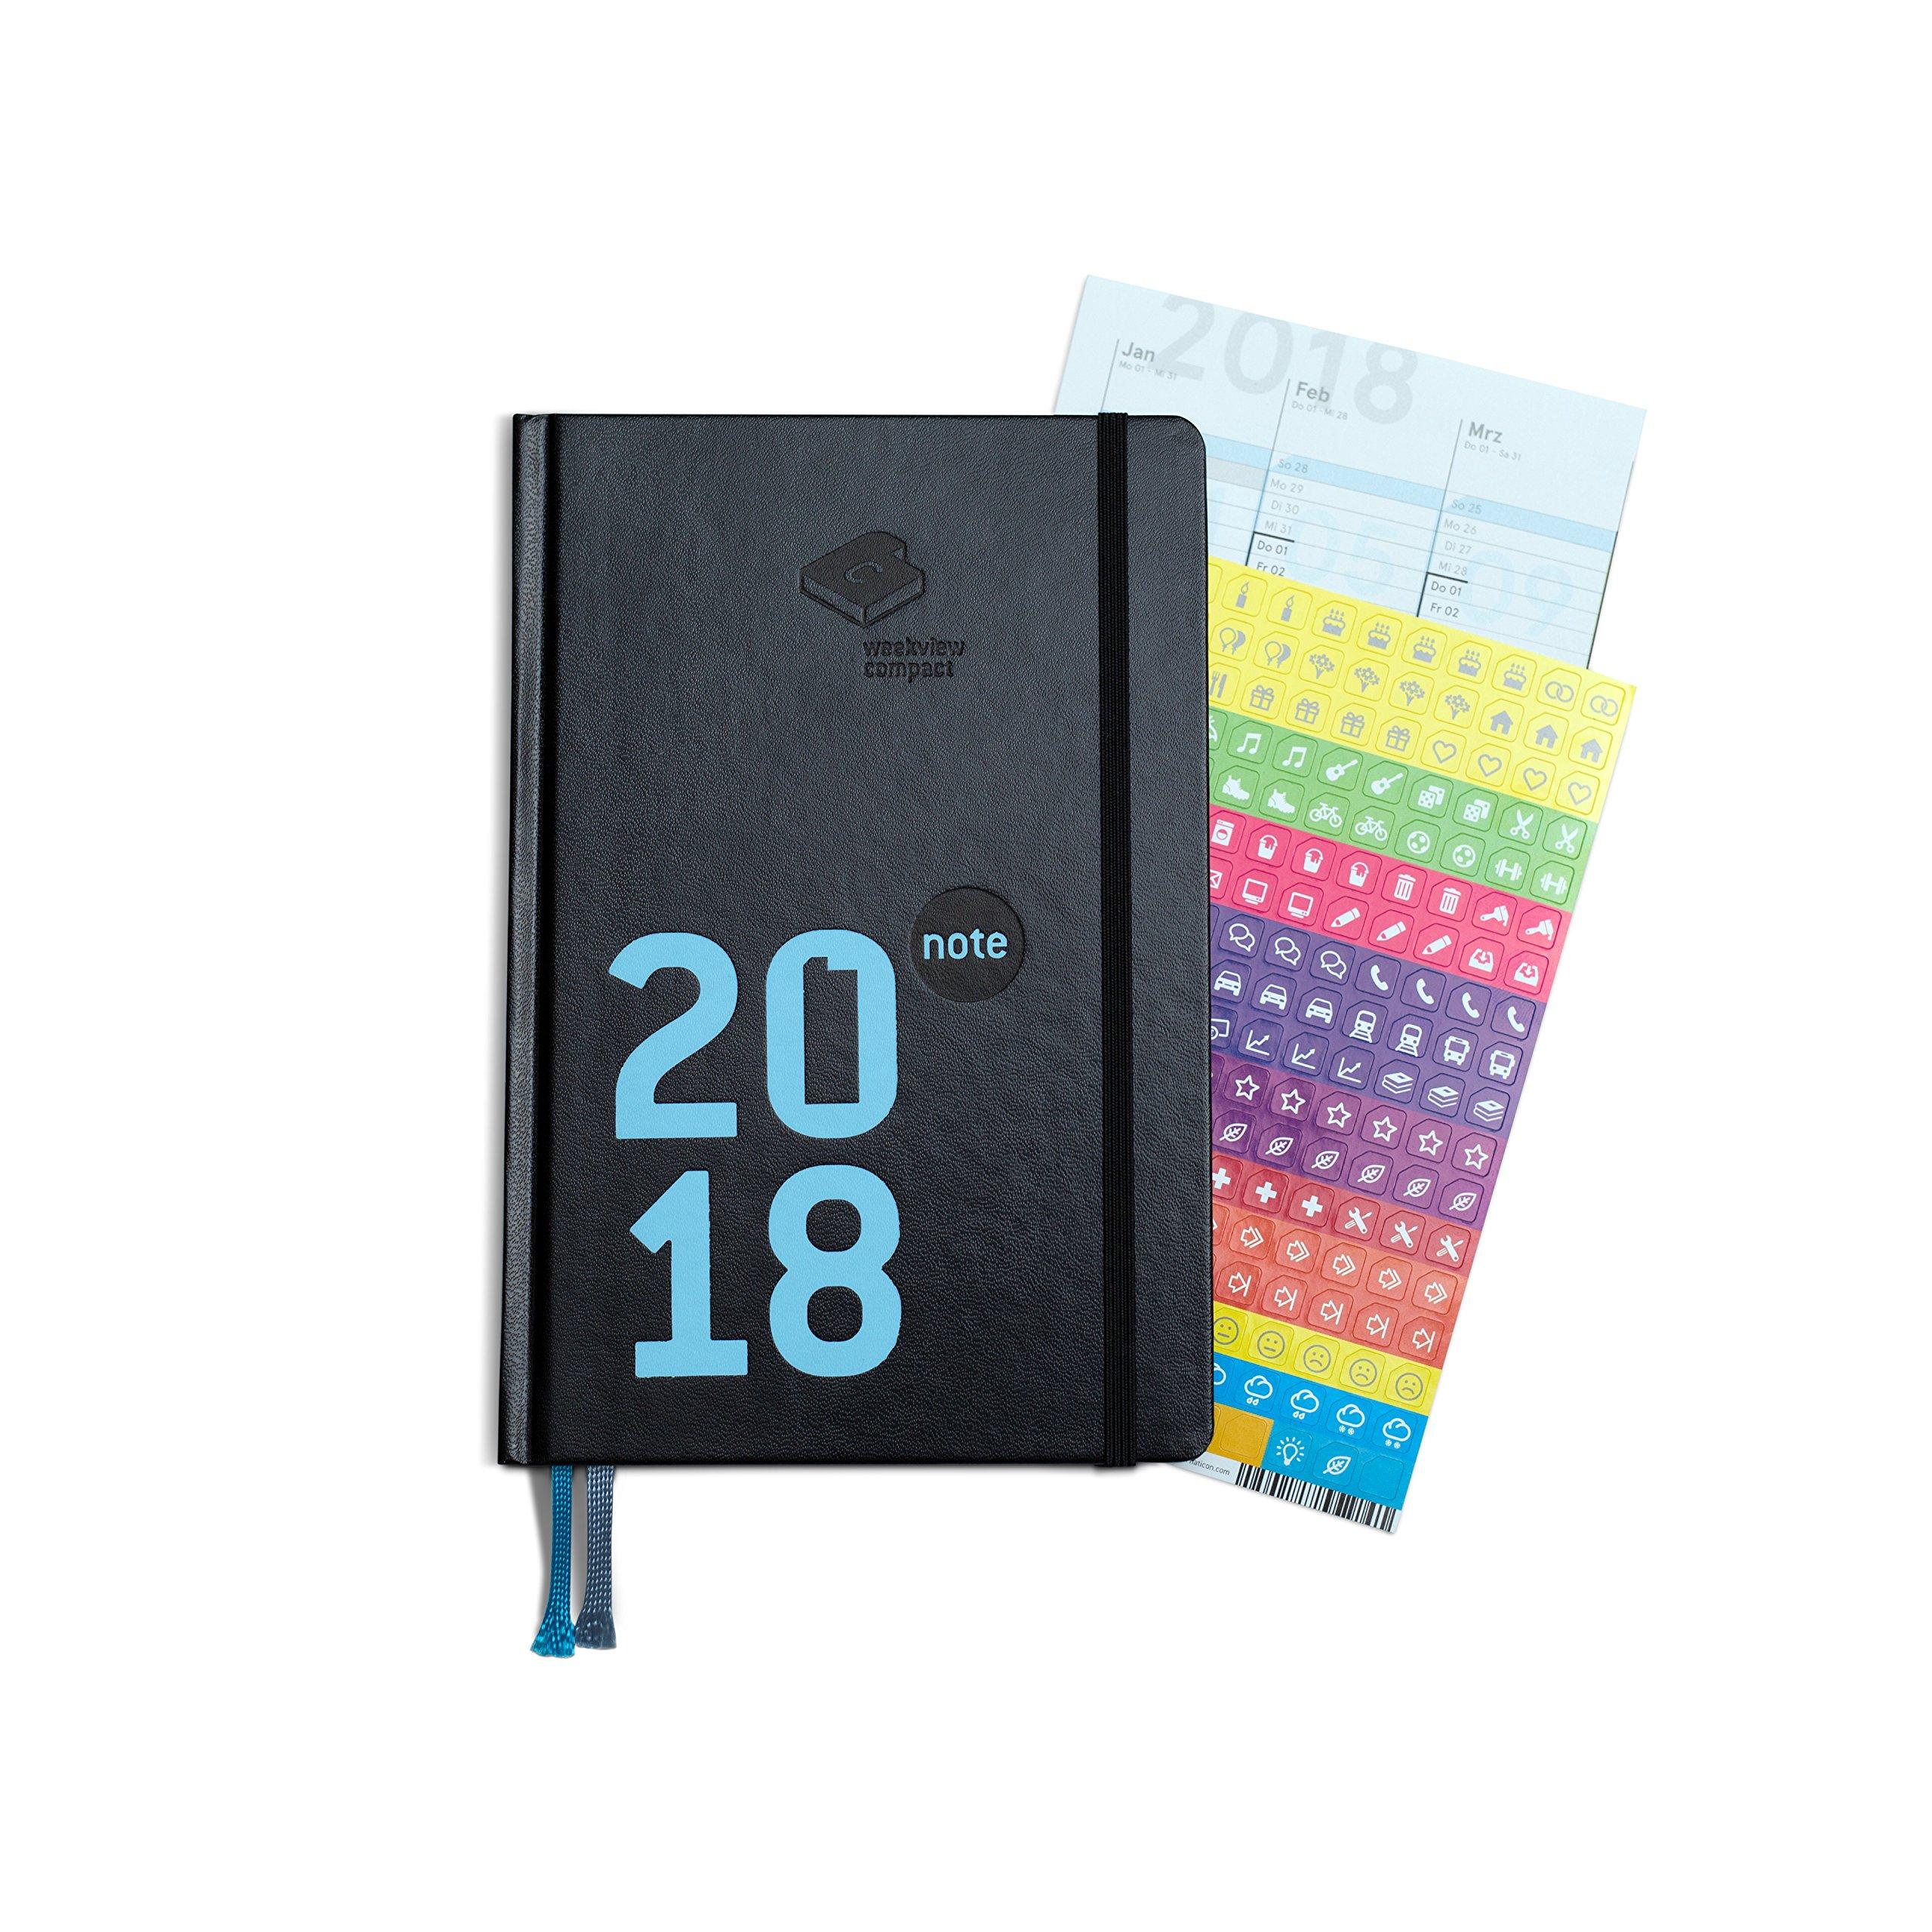 Am besten bewertete Produkte in der Kategorie Kalender